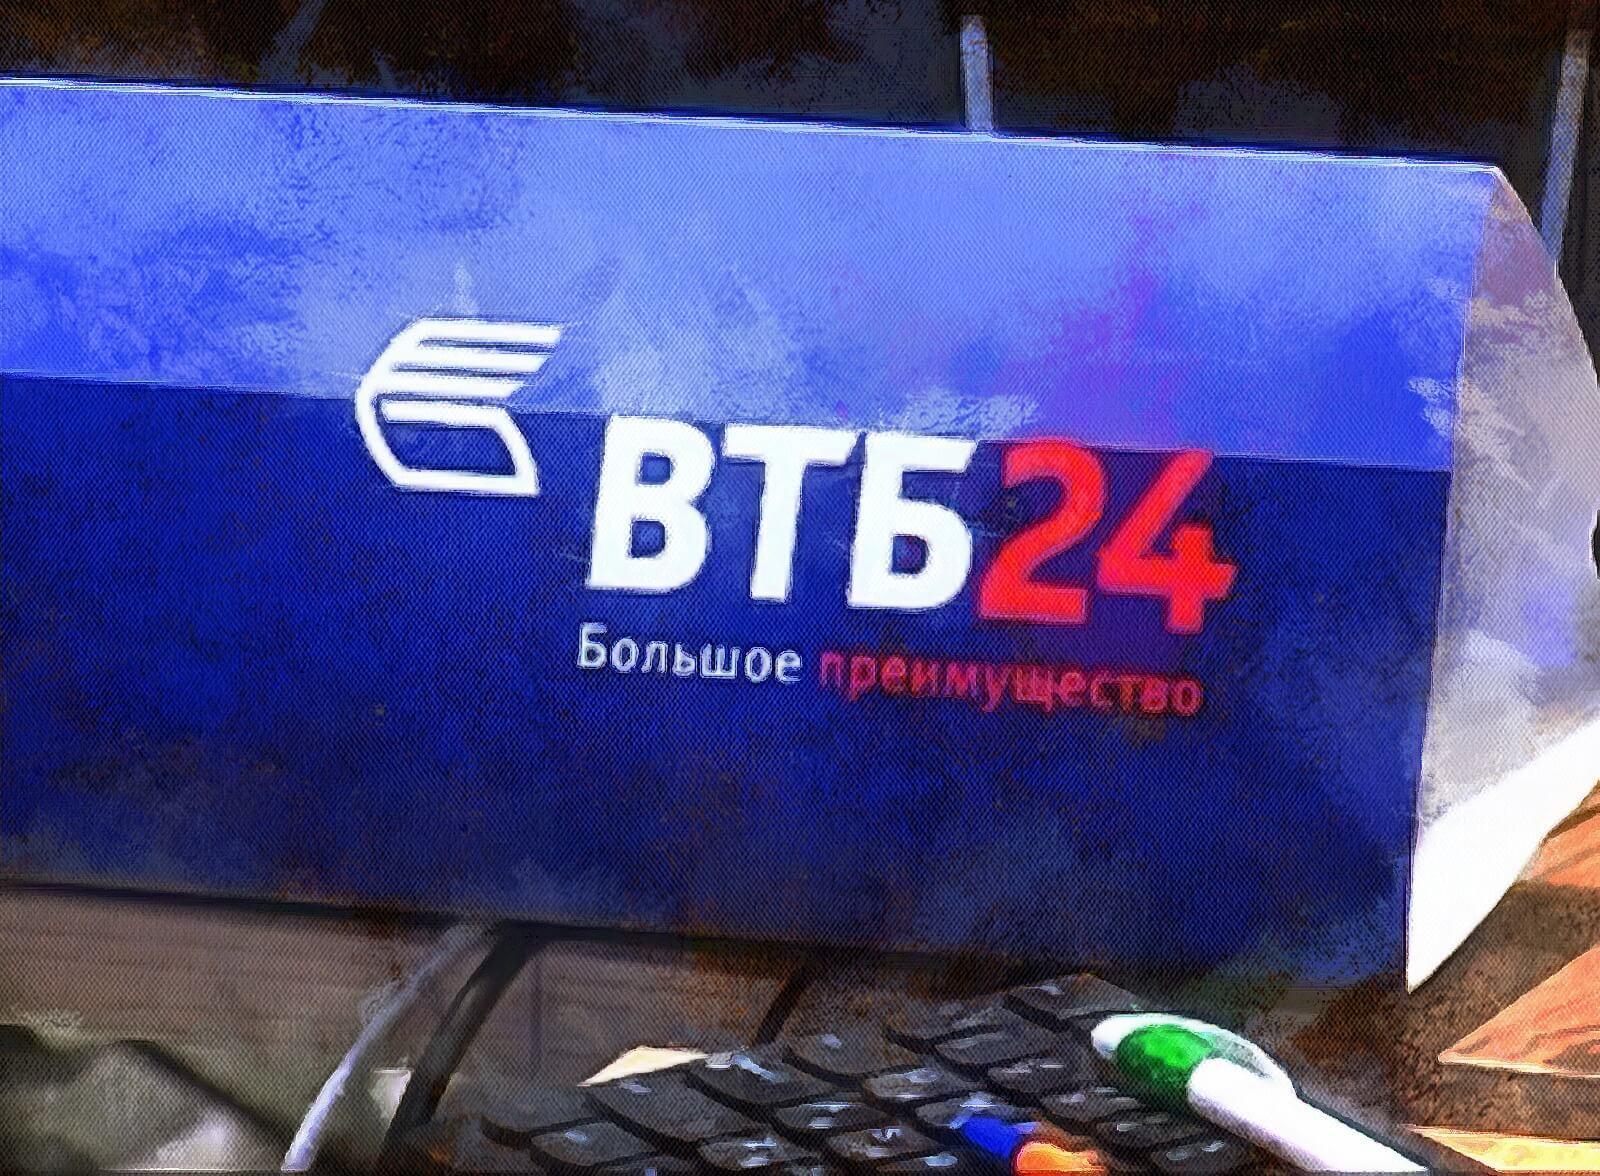 Частично досрочное погашение кредита в ВТБ 24, расчитаем выгоды на онлайн калькуляторе